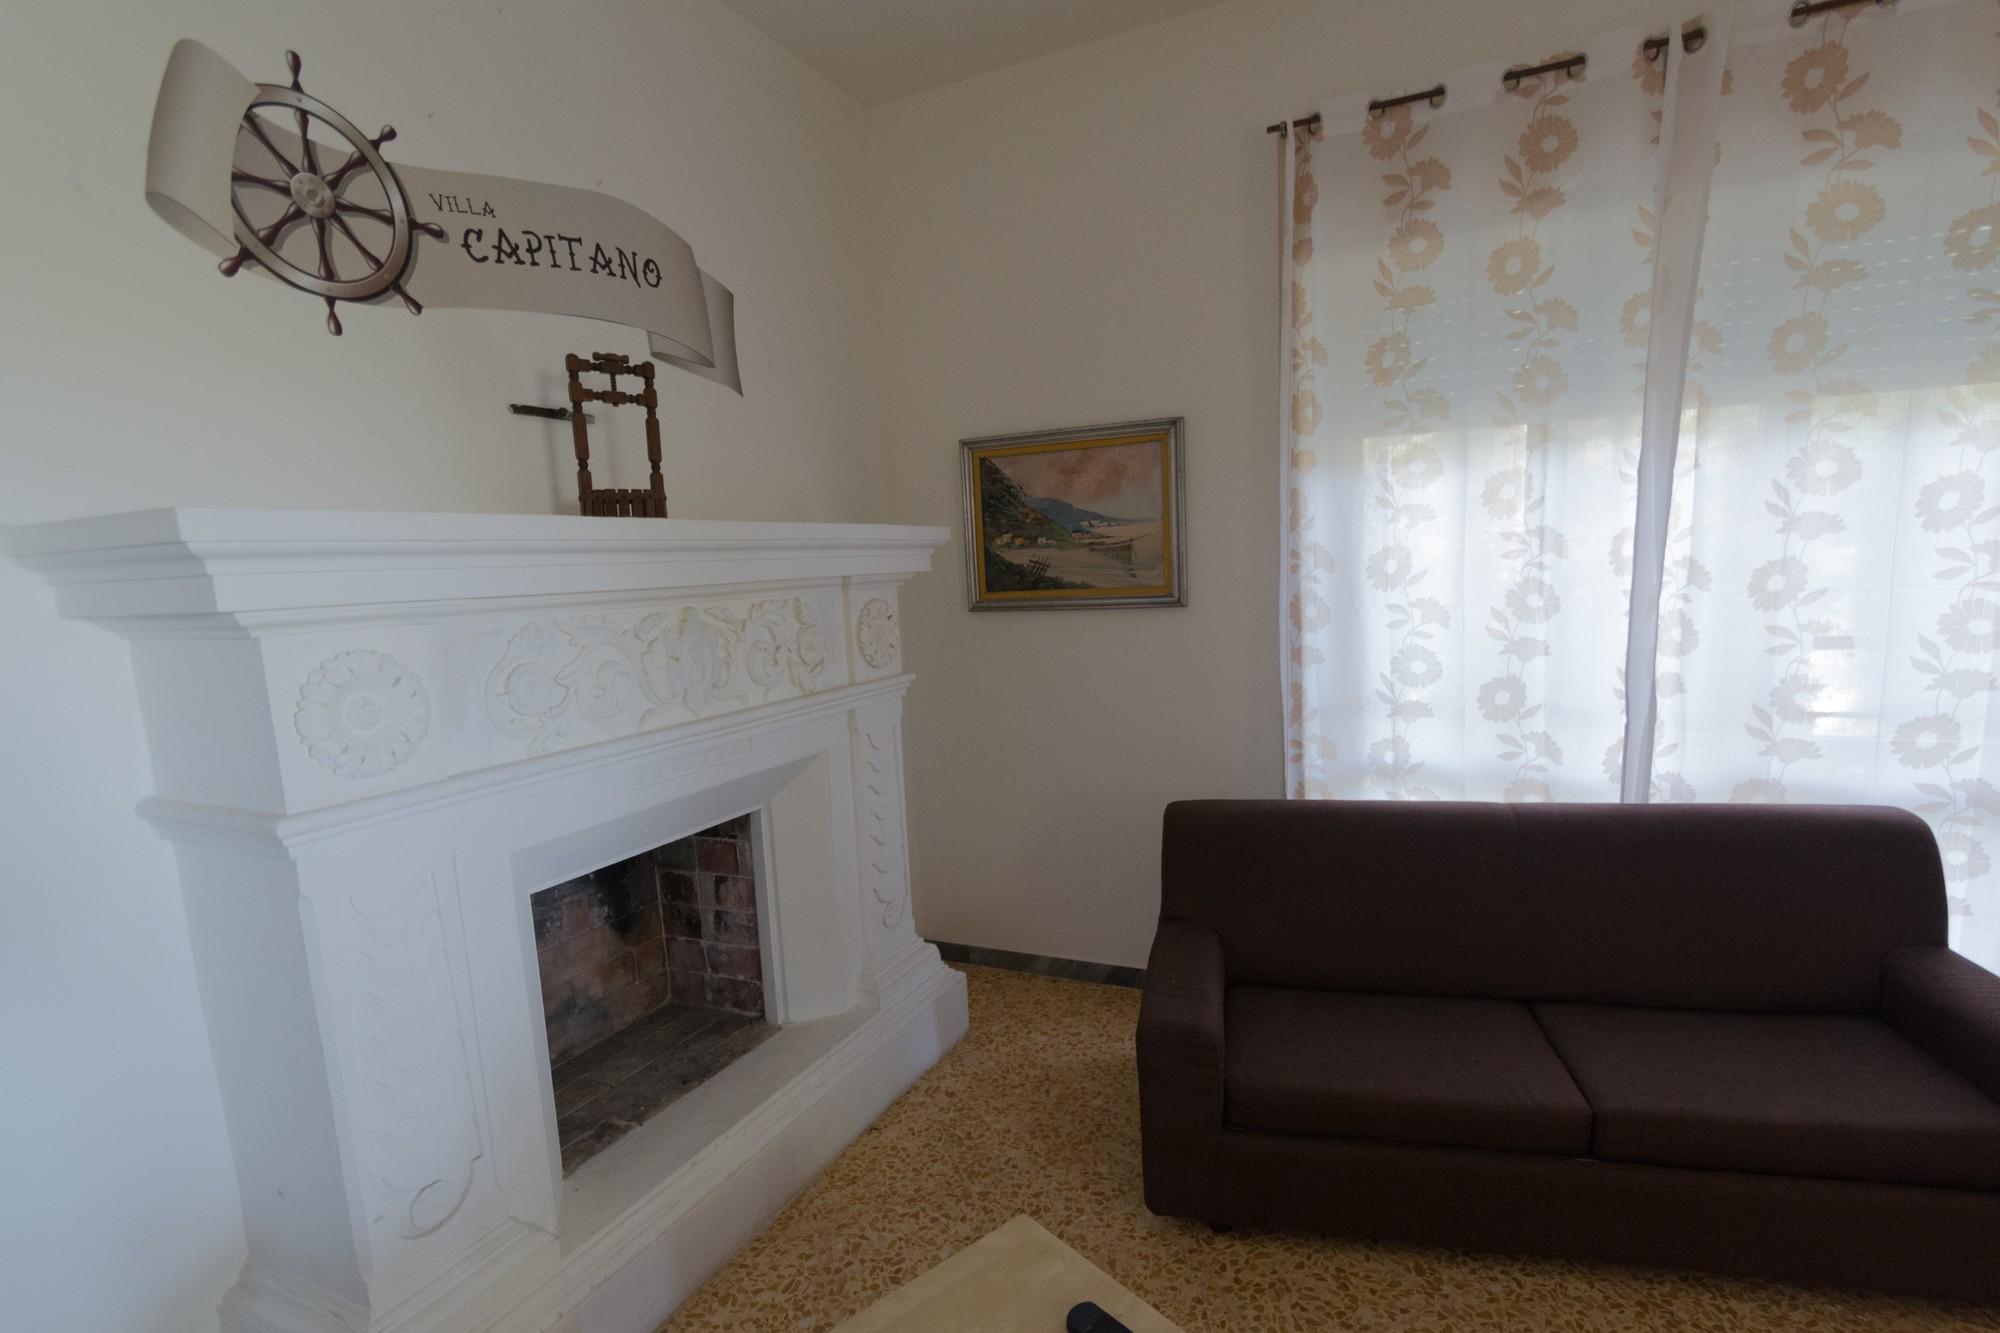 Ferienhaus Villa Capitano- 80 meters from the beach (2354059), Porto Cesareo, Lecce, Apulien, Italien, Bild 8